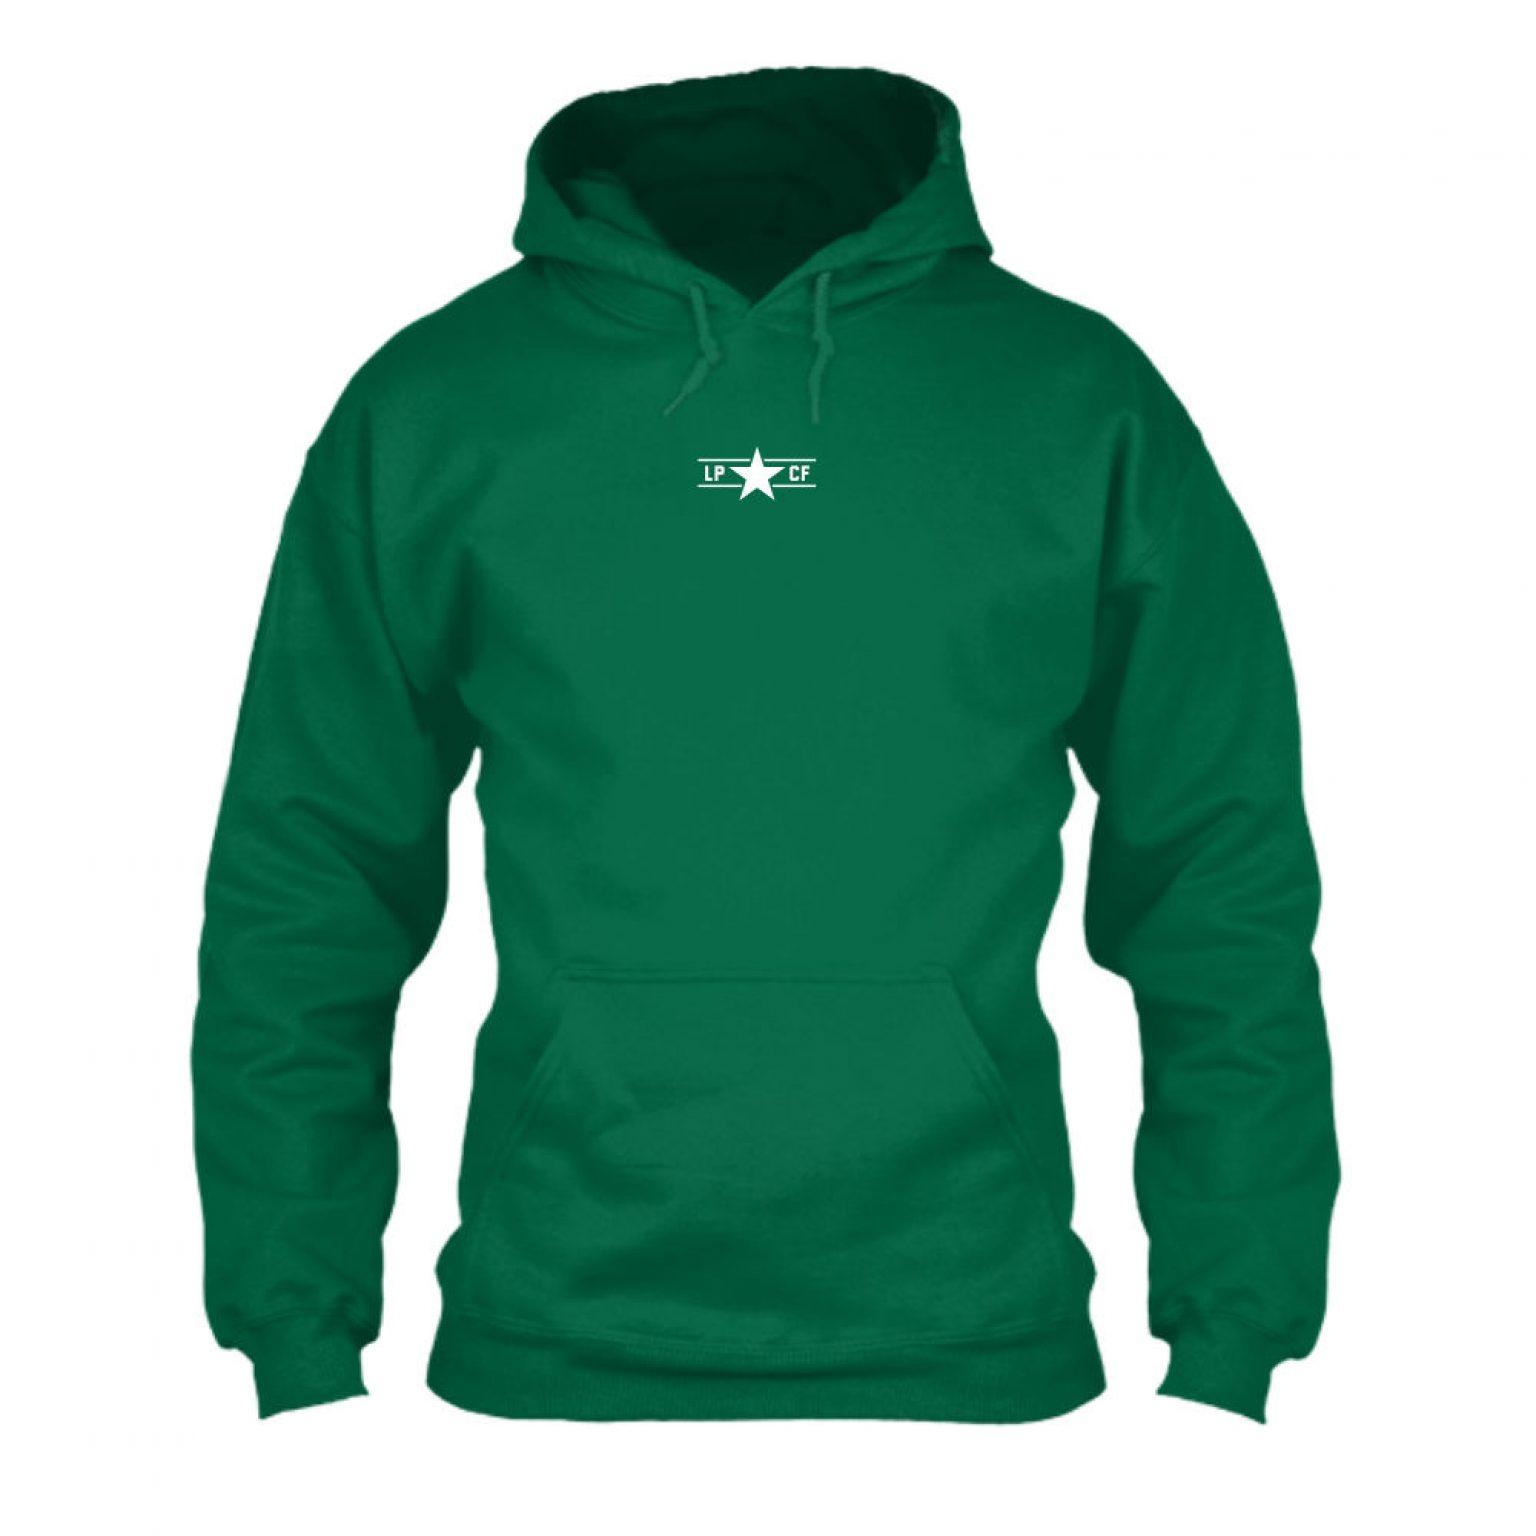 LPcircle hoodie green front